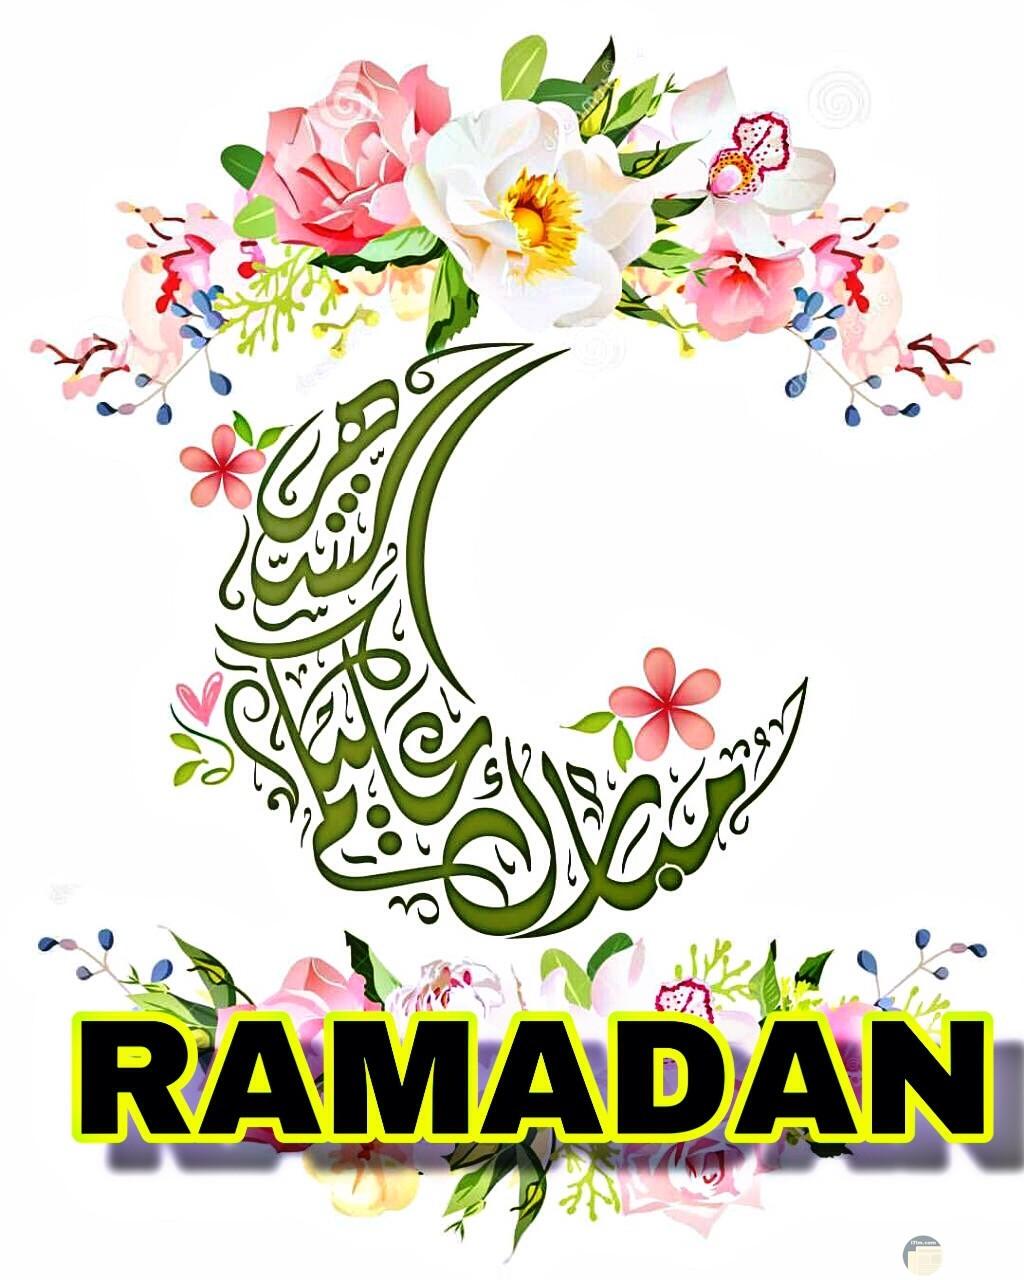 مبارك عليكم شهر رمضان فى صورة تهنئة.